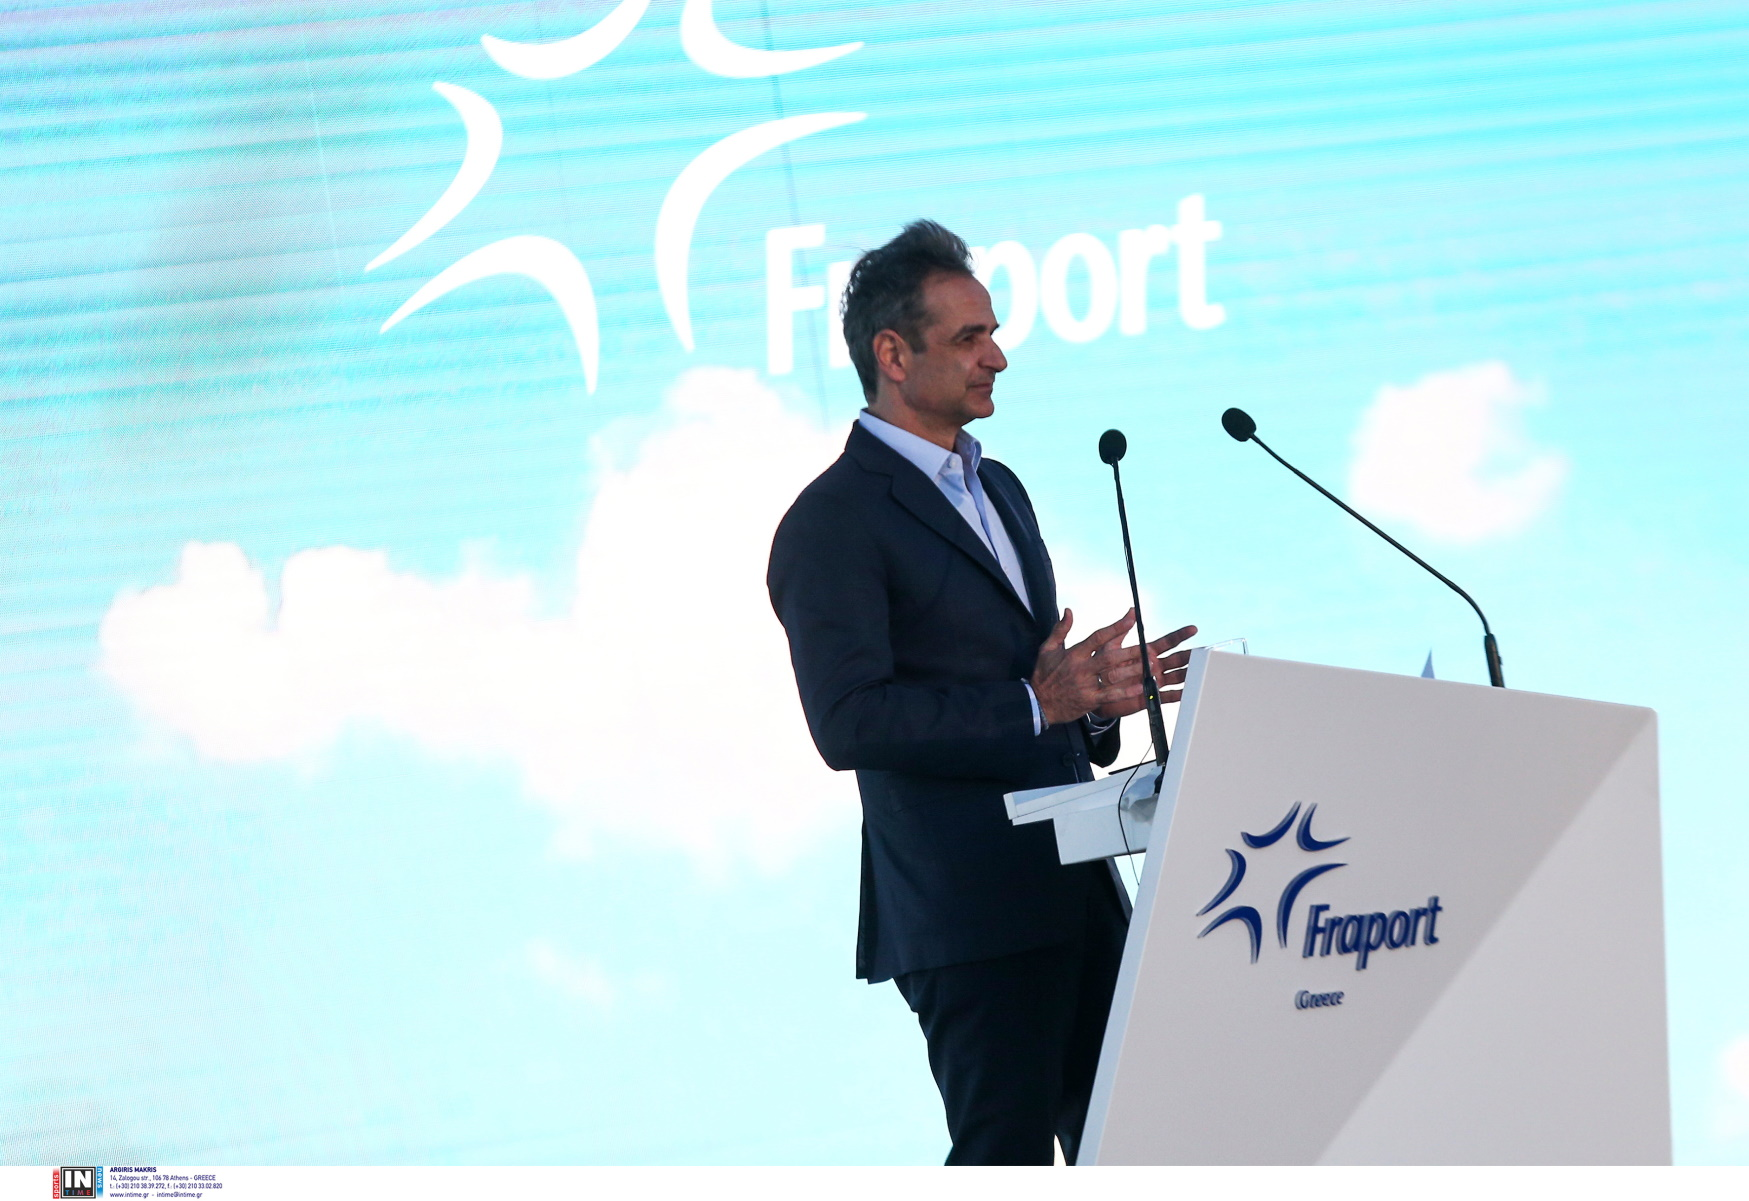 Ο Κυριάκος Μητσοτάκης εγκαινίασε τα 14 αναβαθμισμένα αεροδρόμια της Fraport (video)